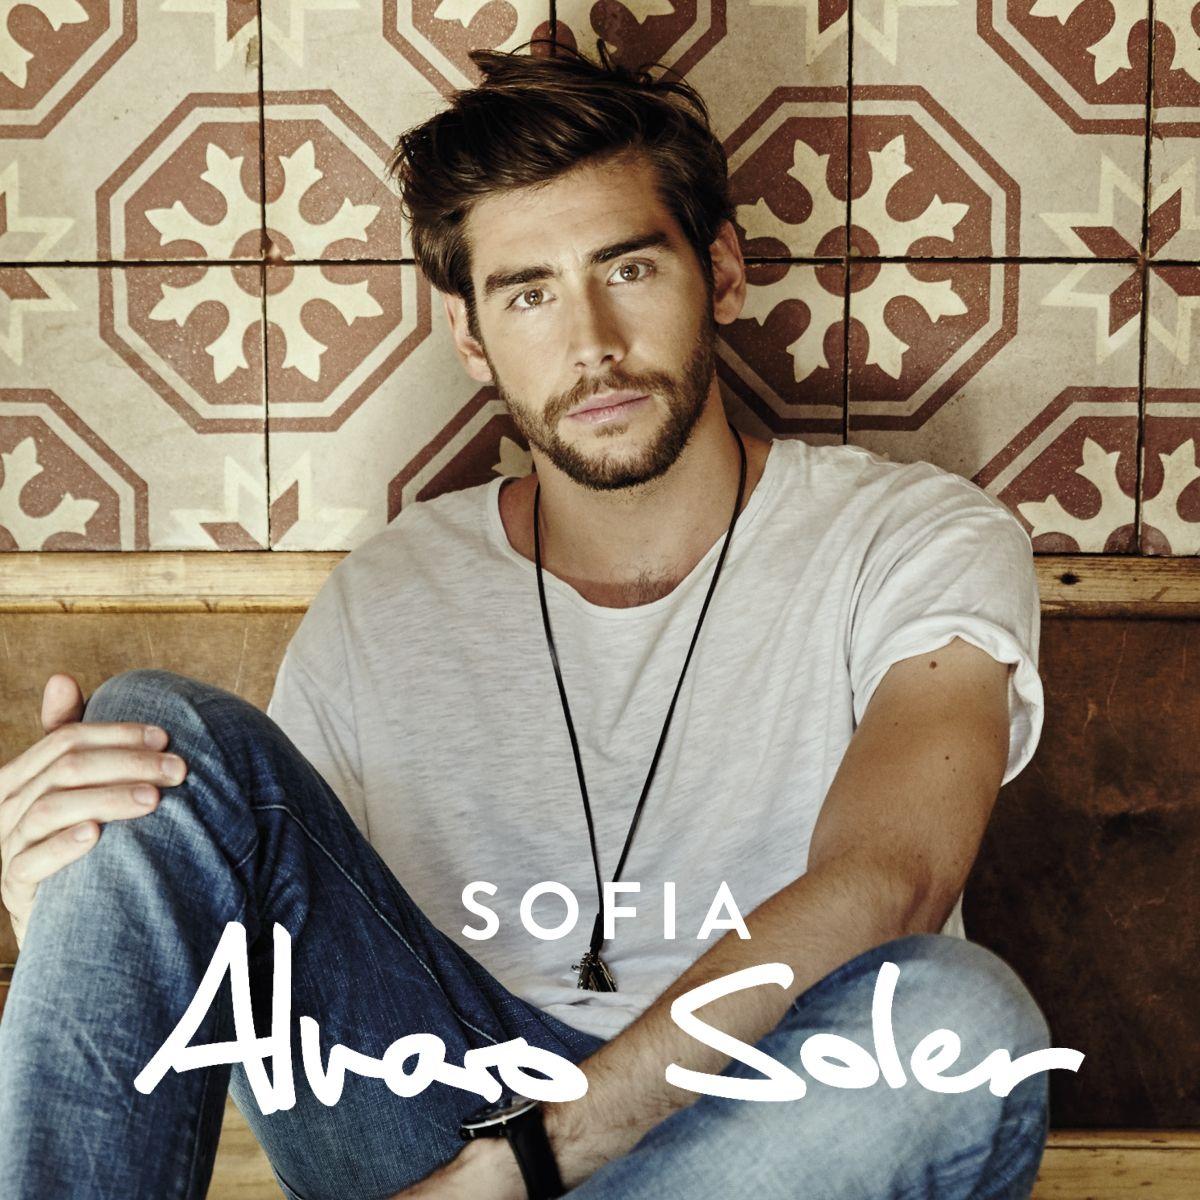 Álvaro Soler - Sofia